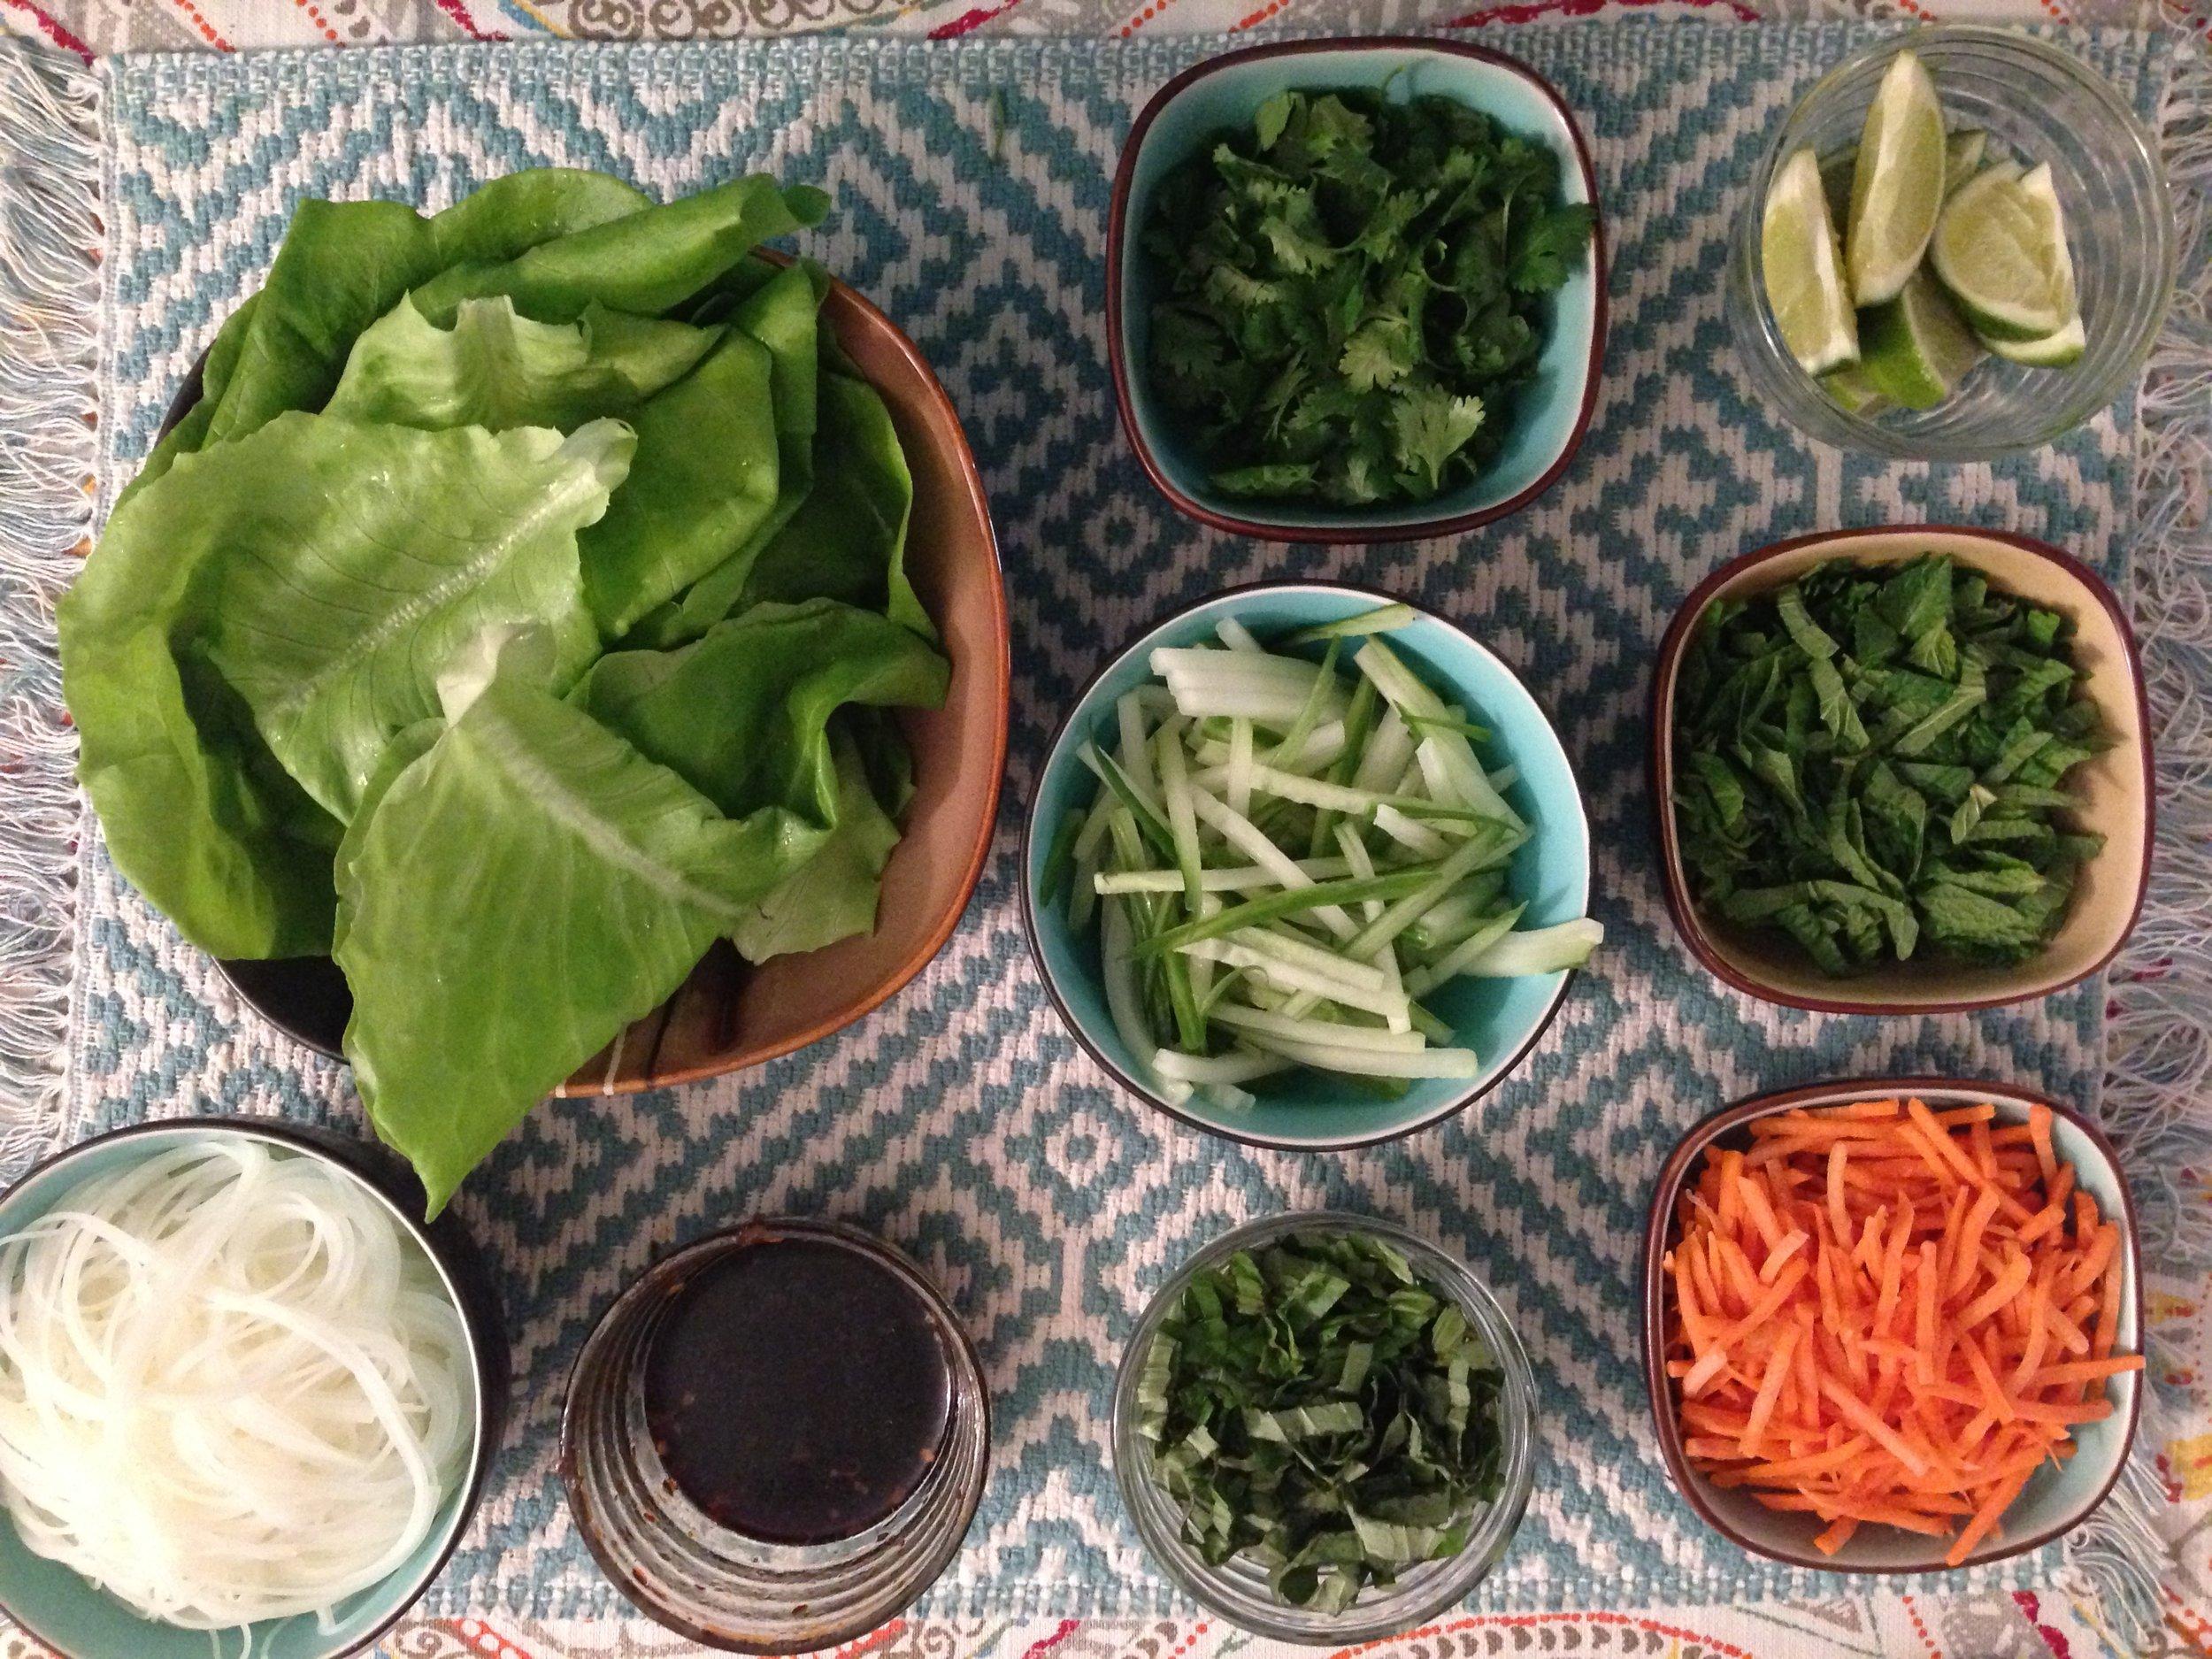 veggie lettuce wrap garnishes.jpg